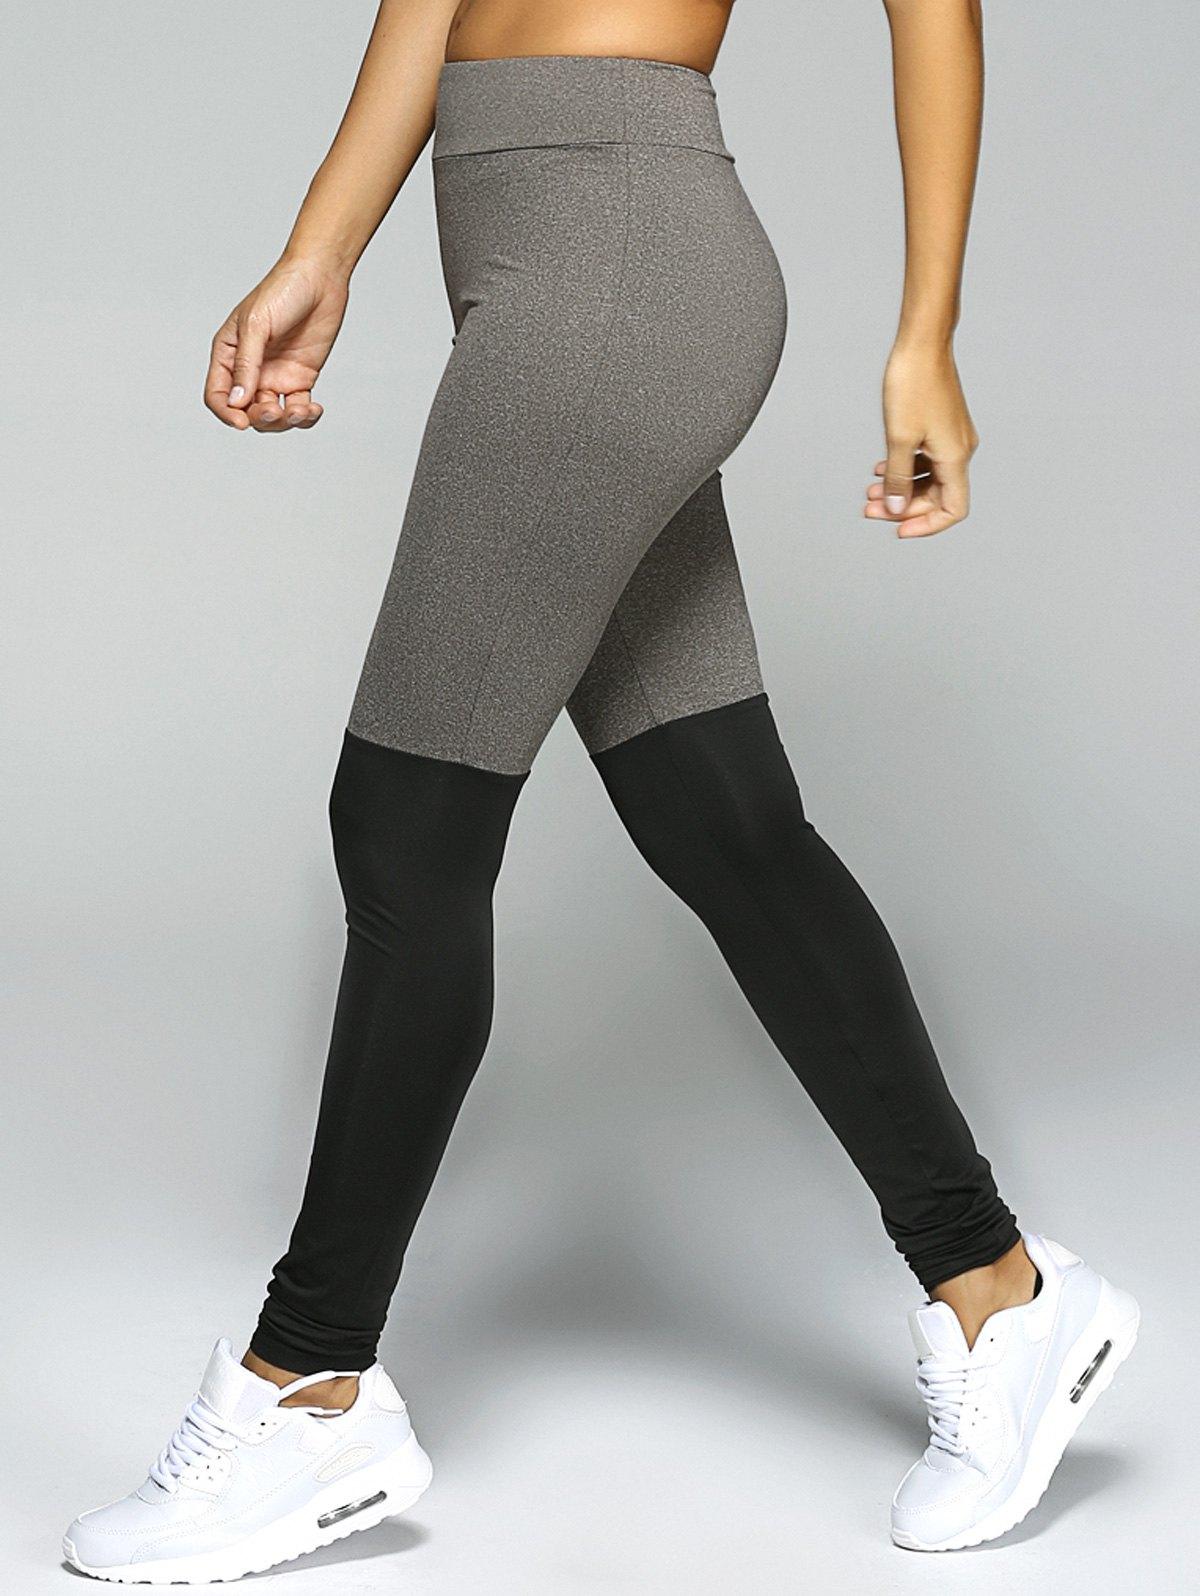 Skinny Sport Leggings